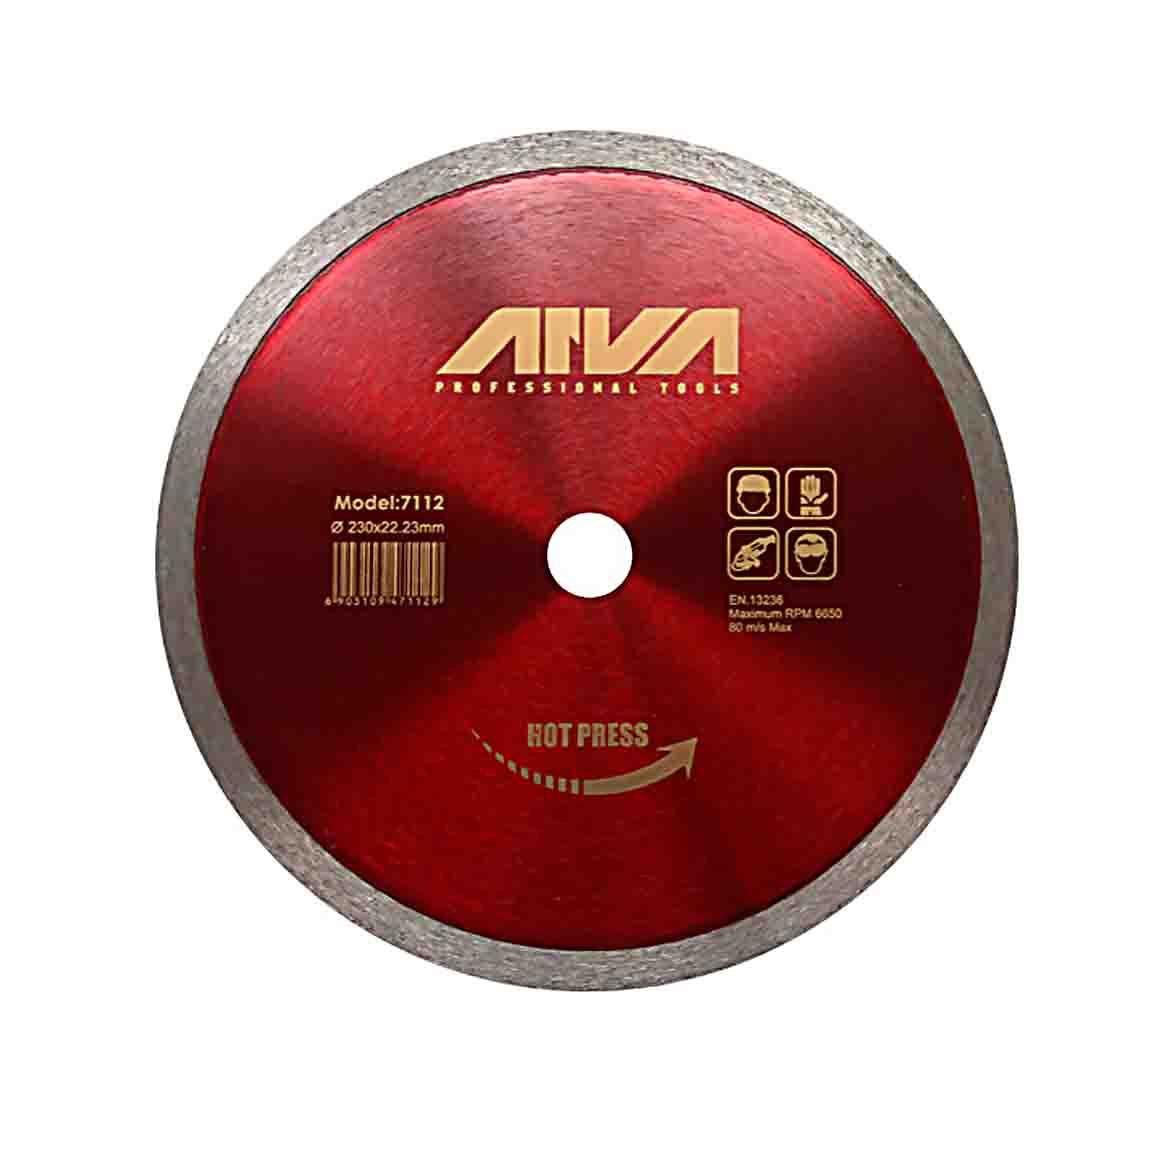 دیسک سرامیک بر بزرگ آروا مدل 7112